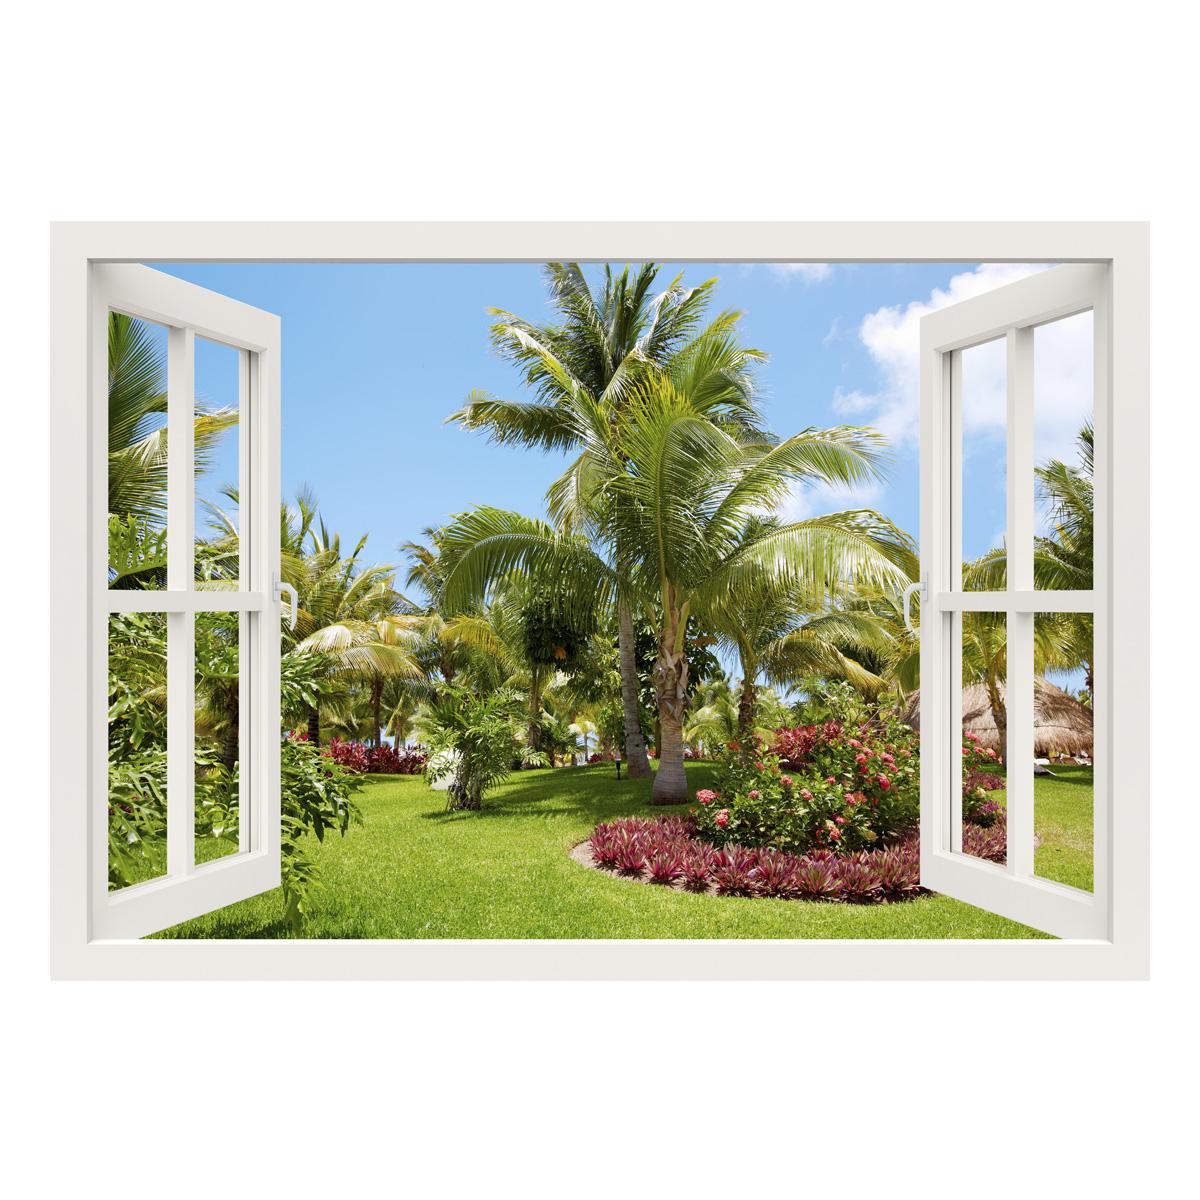 Sticker muraux trompe l 39 oeil sticker mural jardin tropical ambiance - Trompe l oeil jardin ...